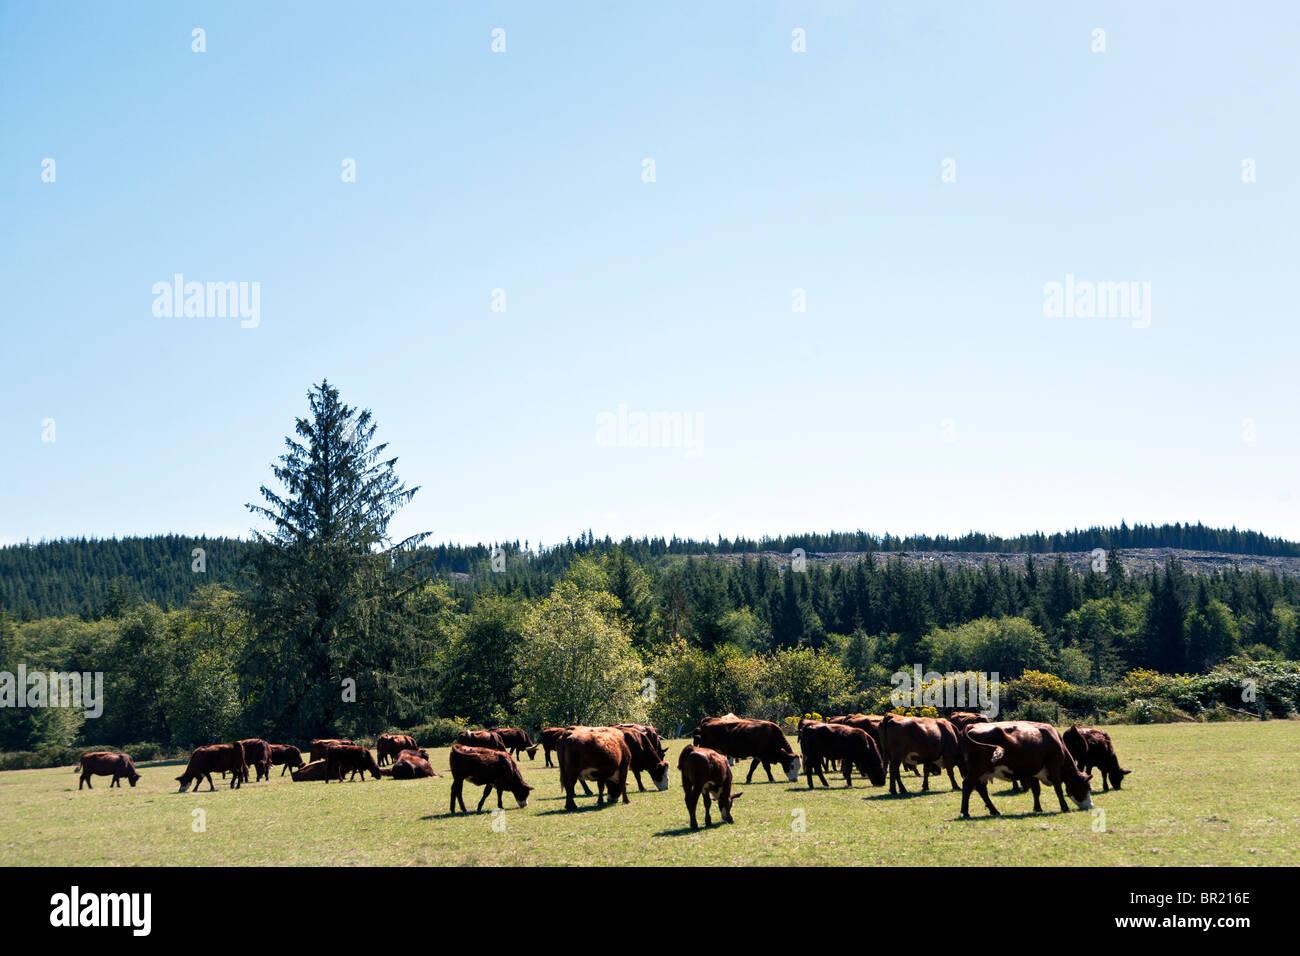 Allevamento di marrone a Hereford vacche da latte al pascolo pacificamente lussureggiante verde prato con area libera Immagini Stock